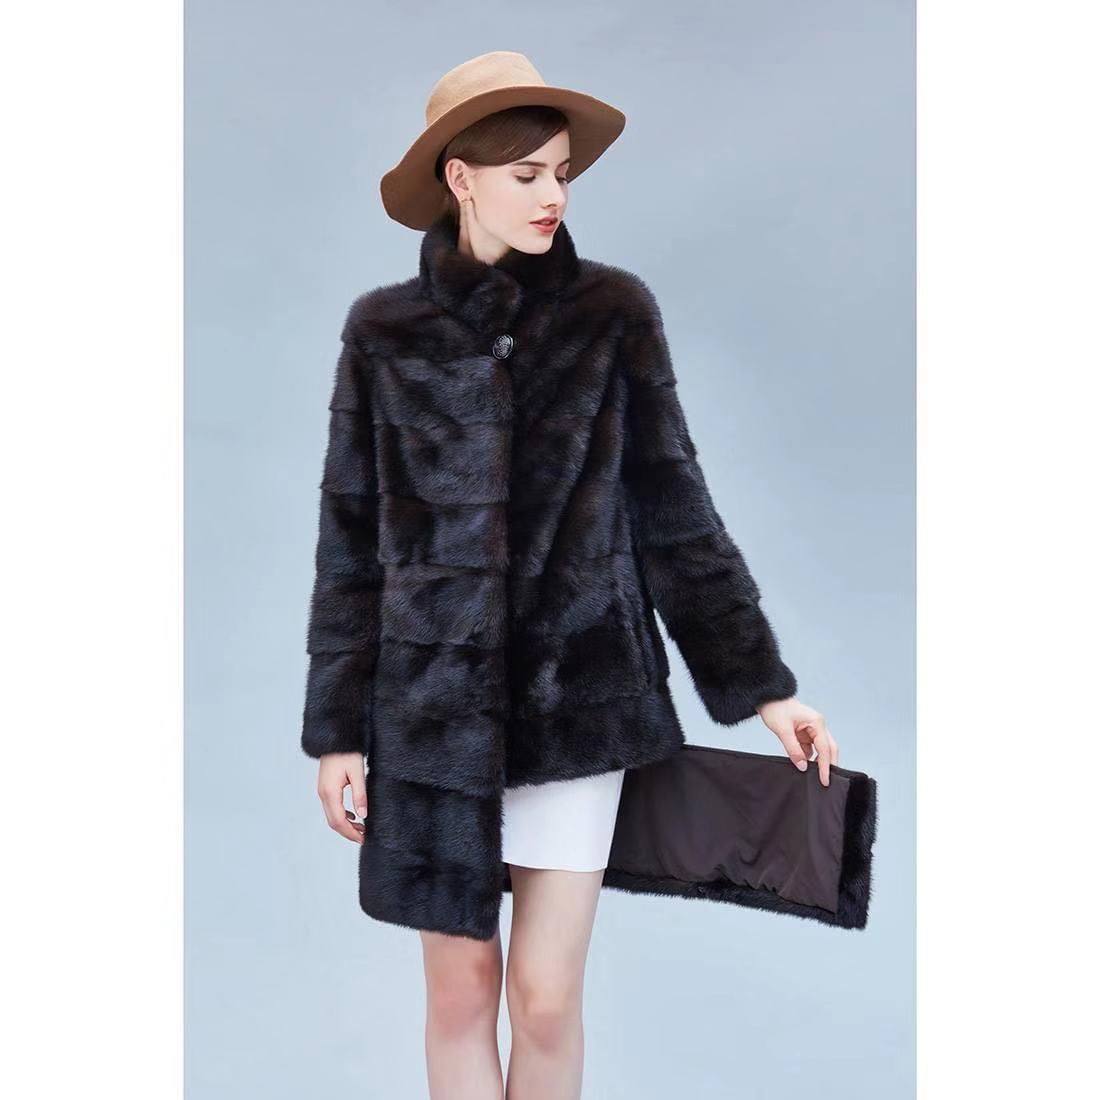 Mink Fur Coat Women's Natural Fur Coat Real Mink Fur Coat Women's Genuine Fur Coat Long Ladies Winter Wear XL